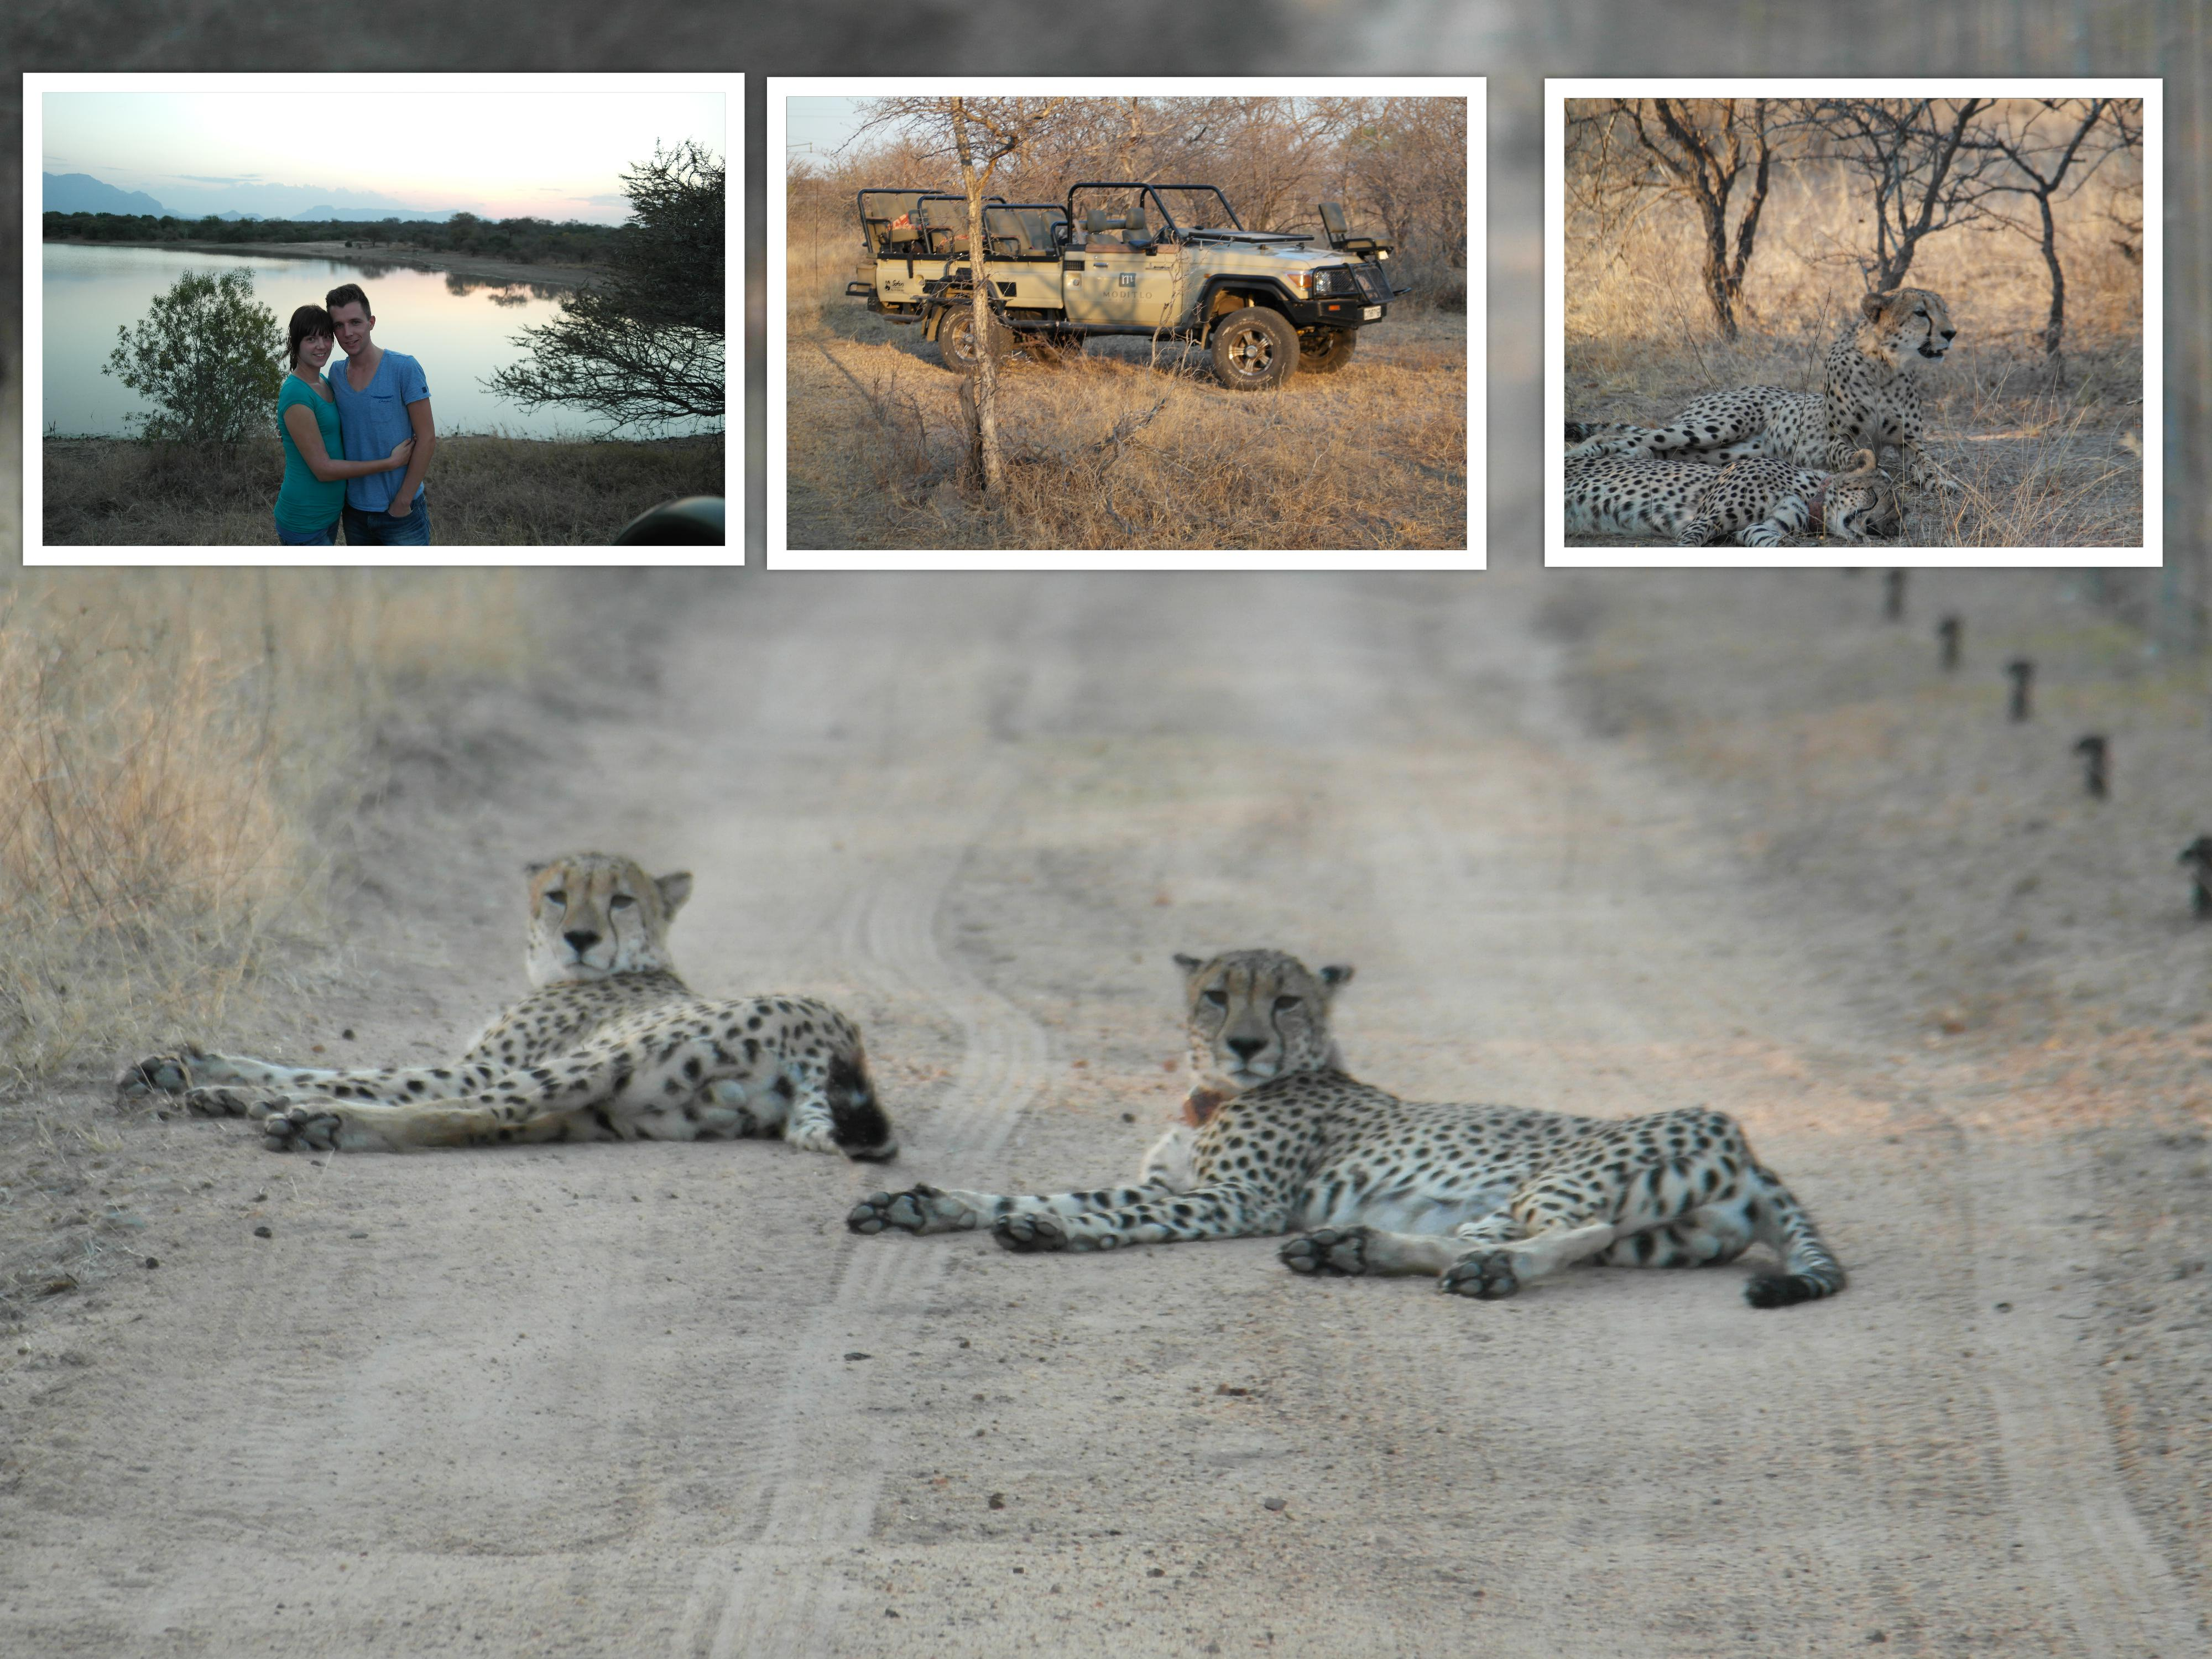 Cheeta's! We zijn zelfs de auto uitgestapt met een ranger om vervolgens achter ze aan te lopen. Hard bonkte in mijn keel, maar het was zooooo vet! Dit waren overigens twee mannetjes.